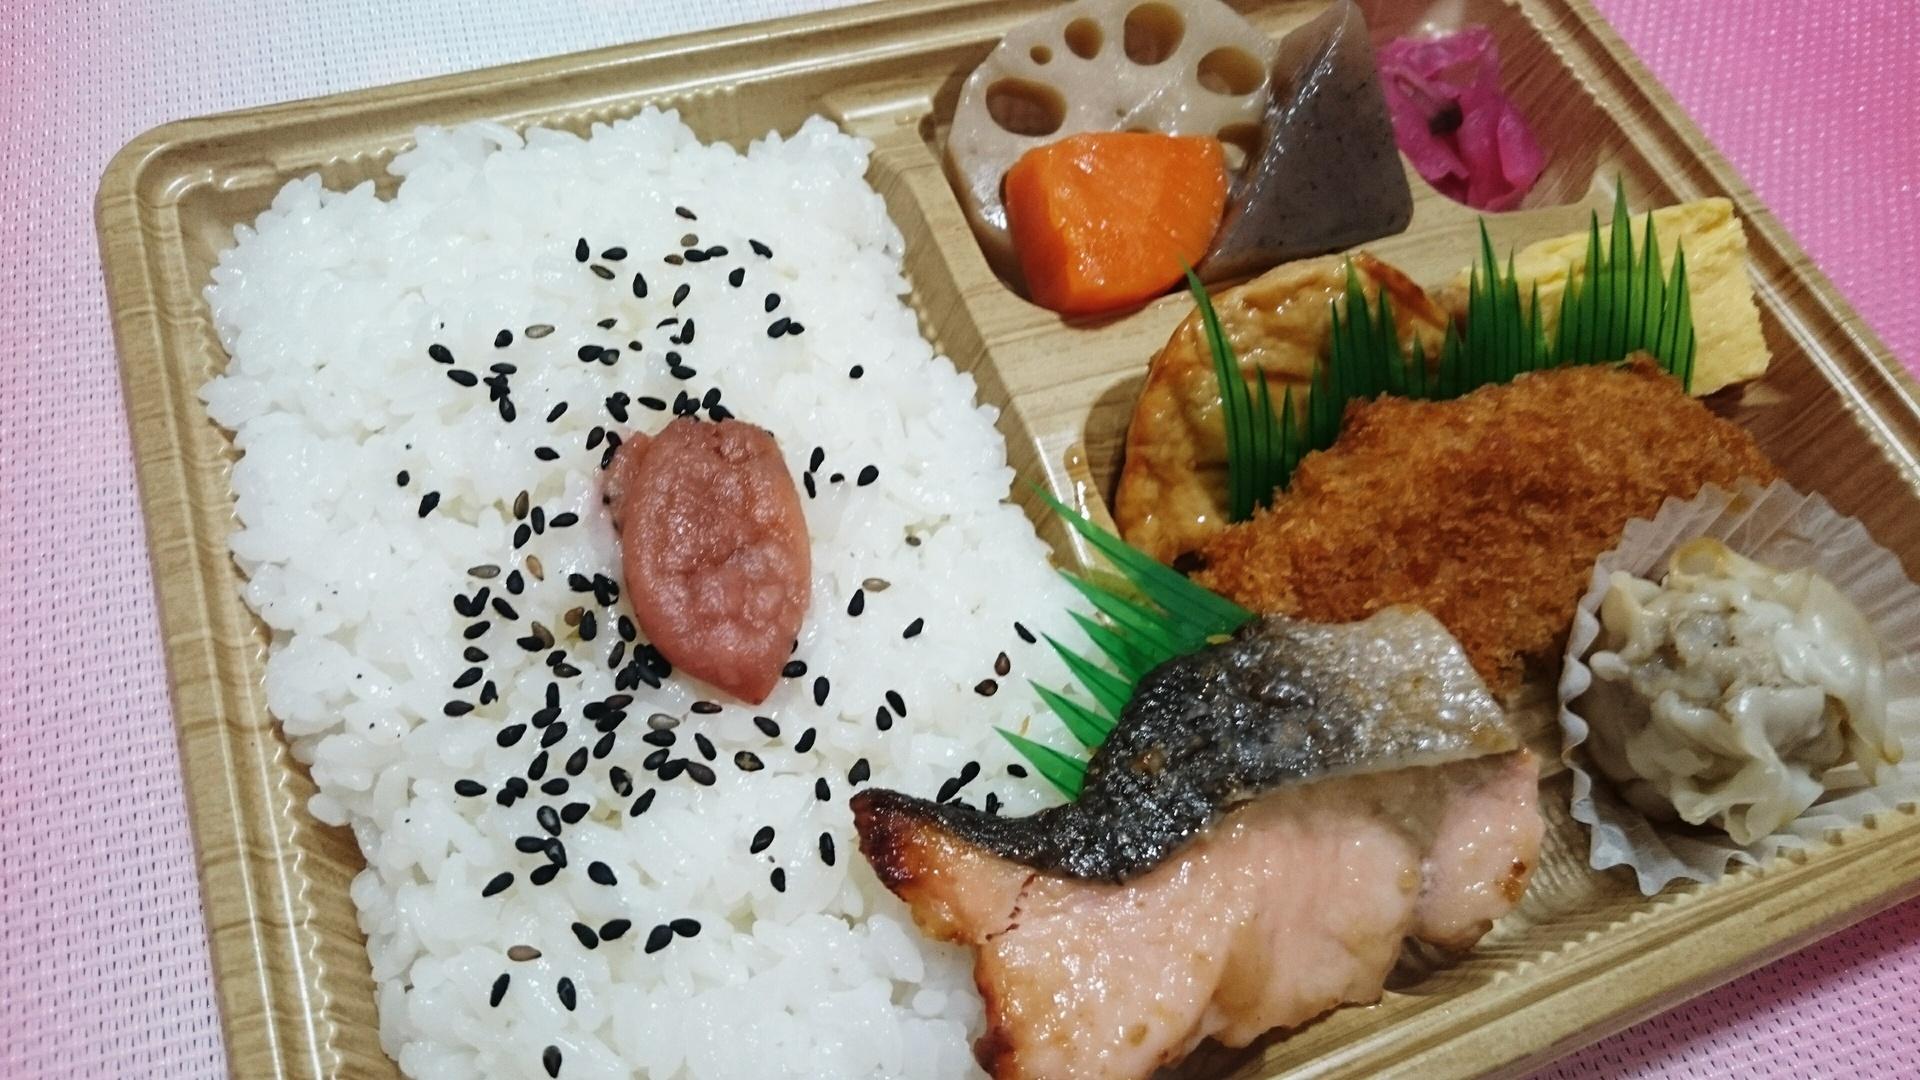 今日のお弁当はローソンで決まり!ローソンで食べたいお弁当特集!のサムネイル画像